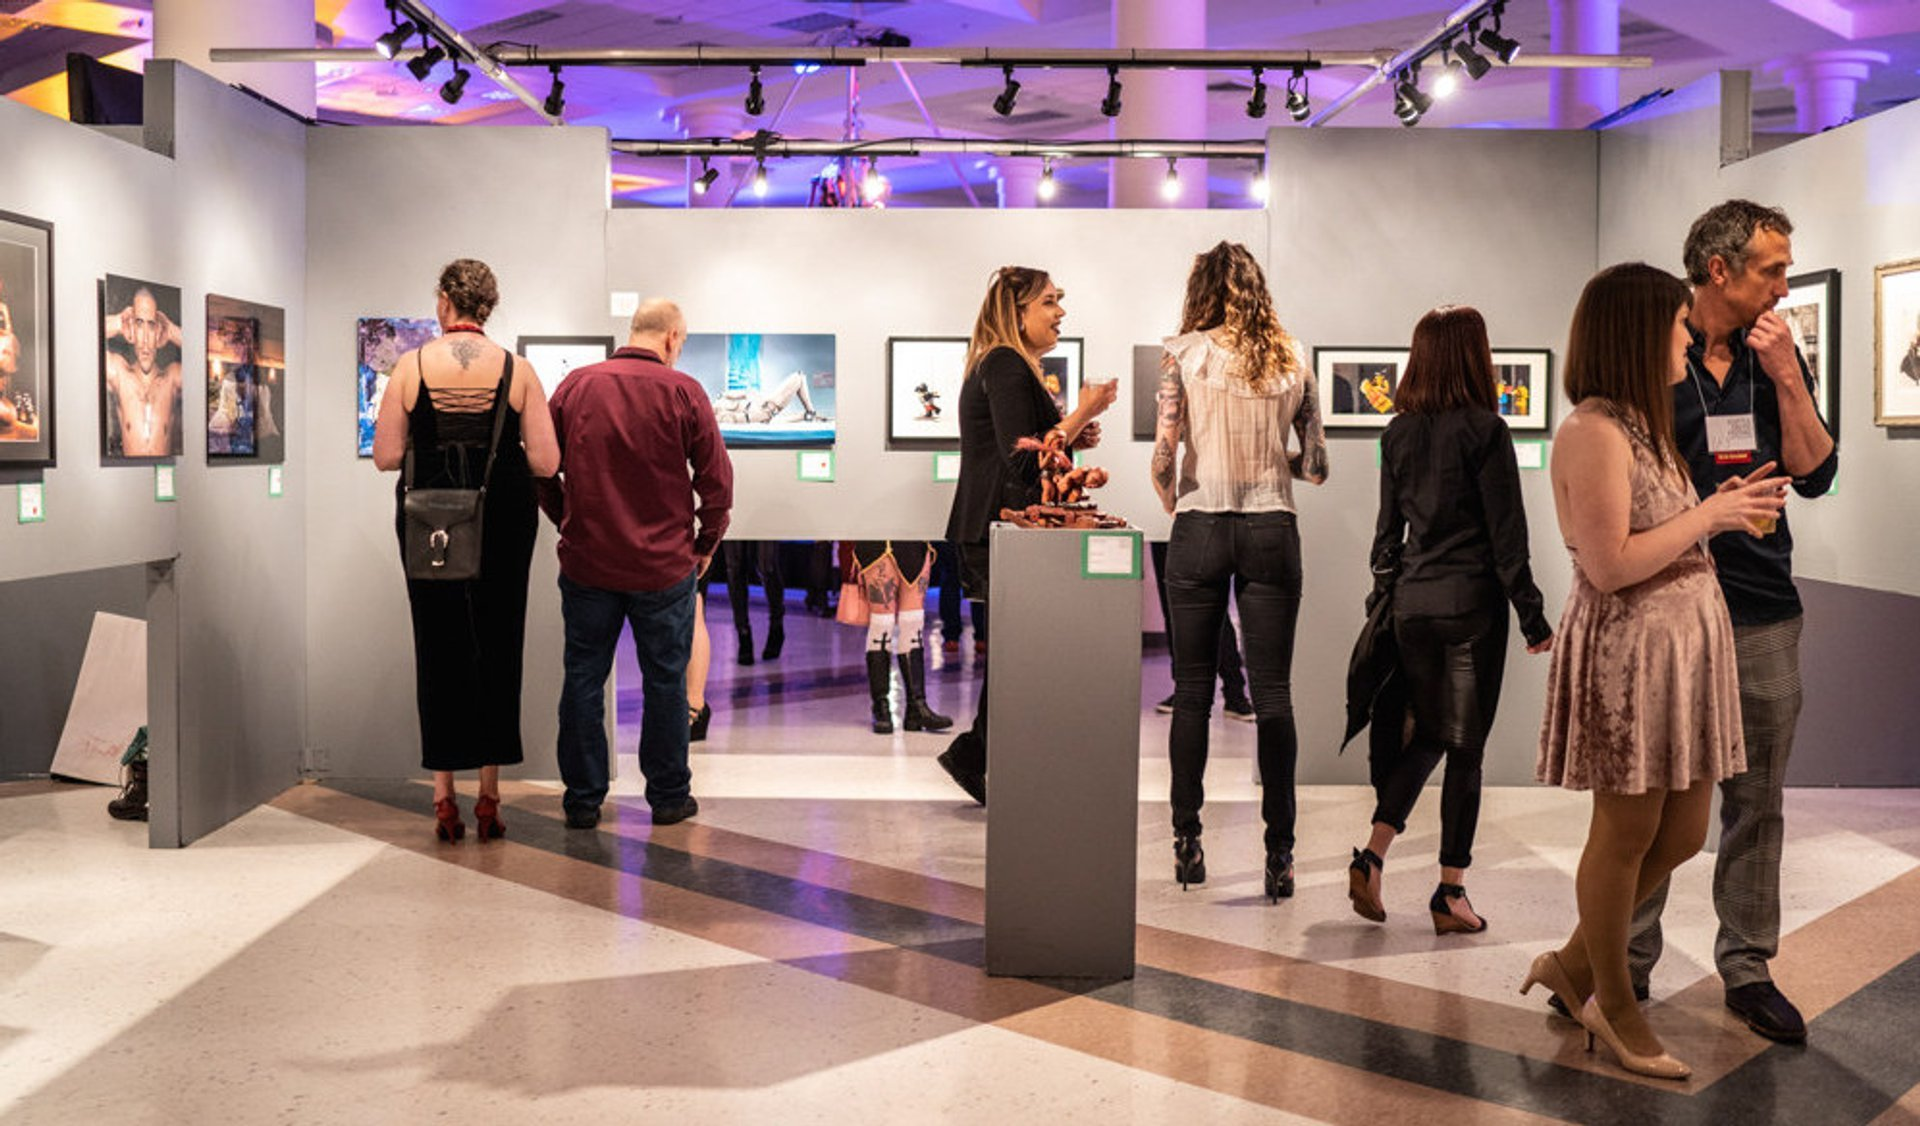 Seattle Erotic Art Festival in Seattle - Best Season 2020